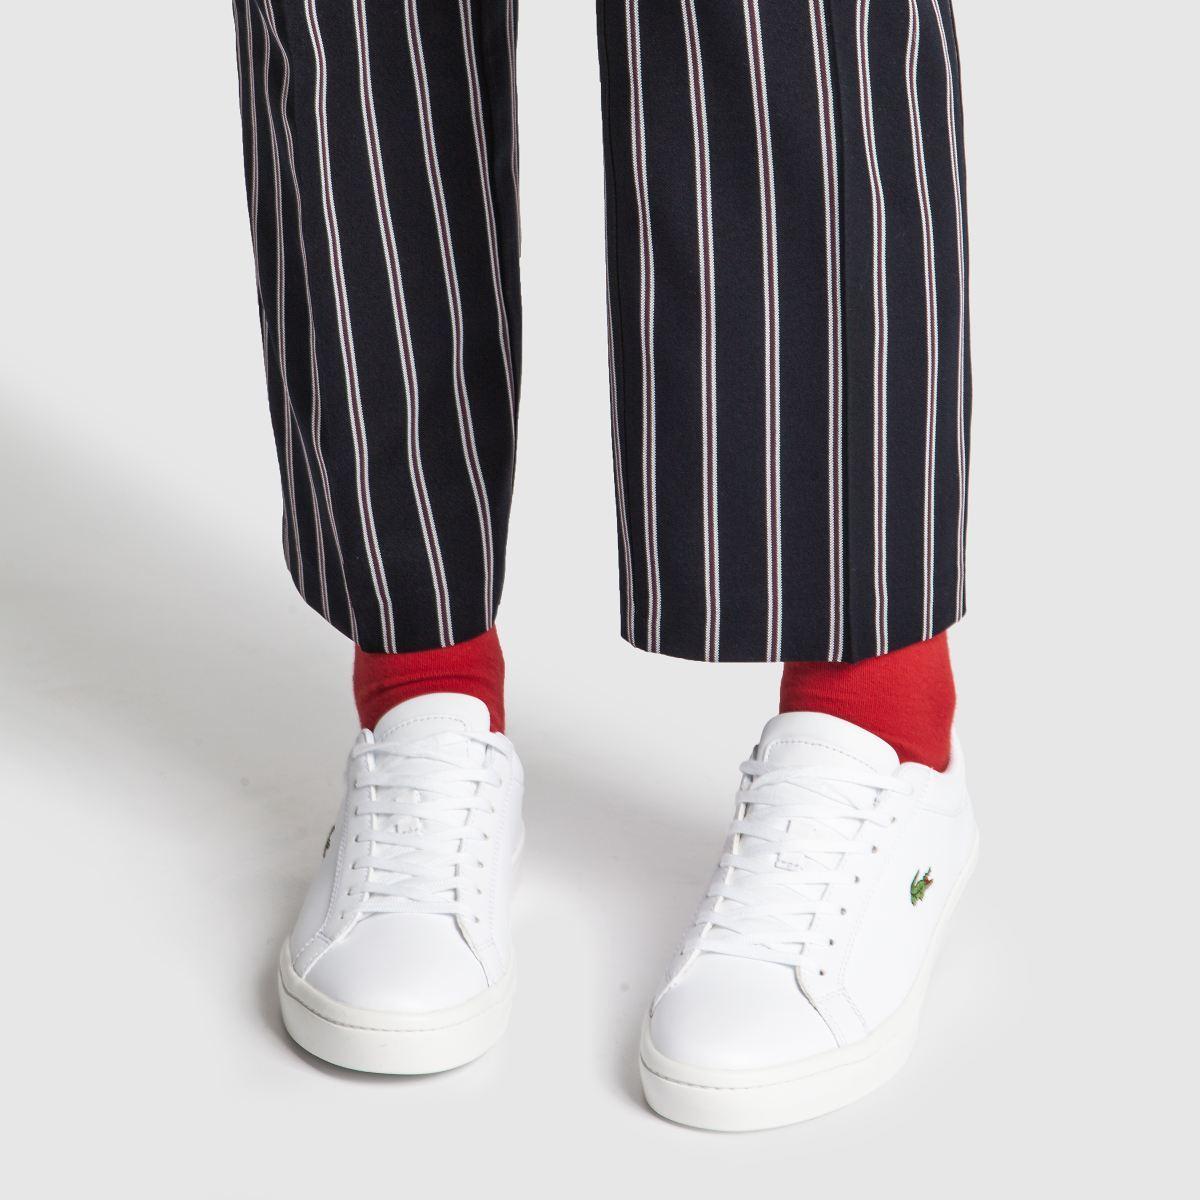 Damen Weiß lacoste Straightset Sneaker | schuh Gute Qualität beliebte Schuhe